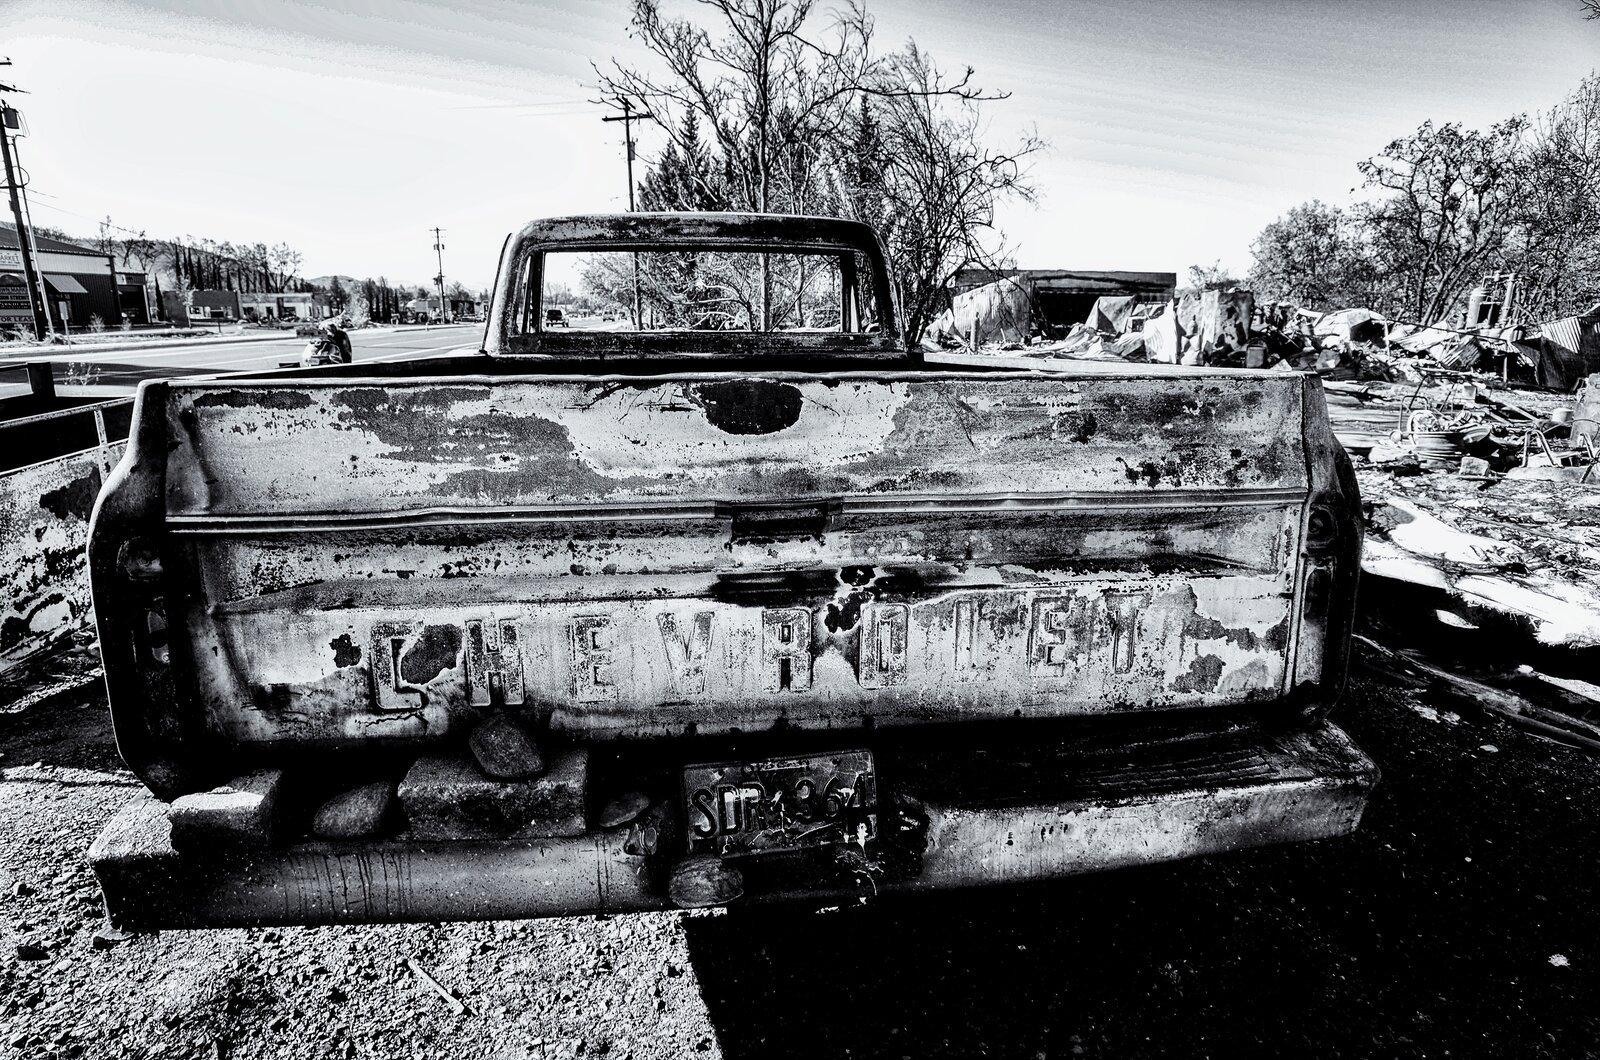 GRII_Sept29_Burned_Chevrolet_pickup.jpg